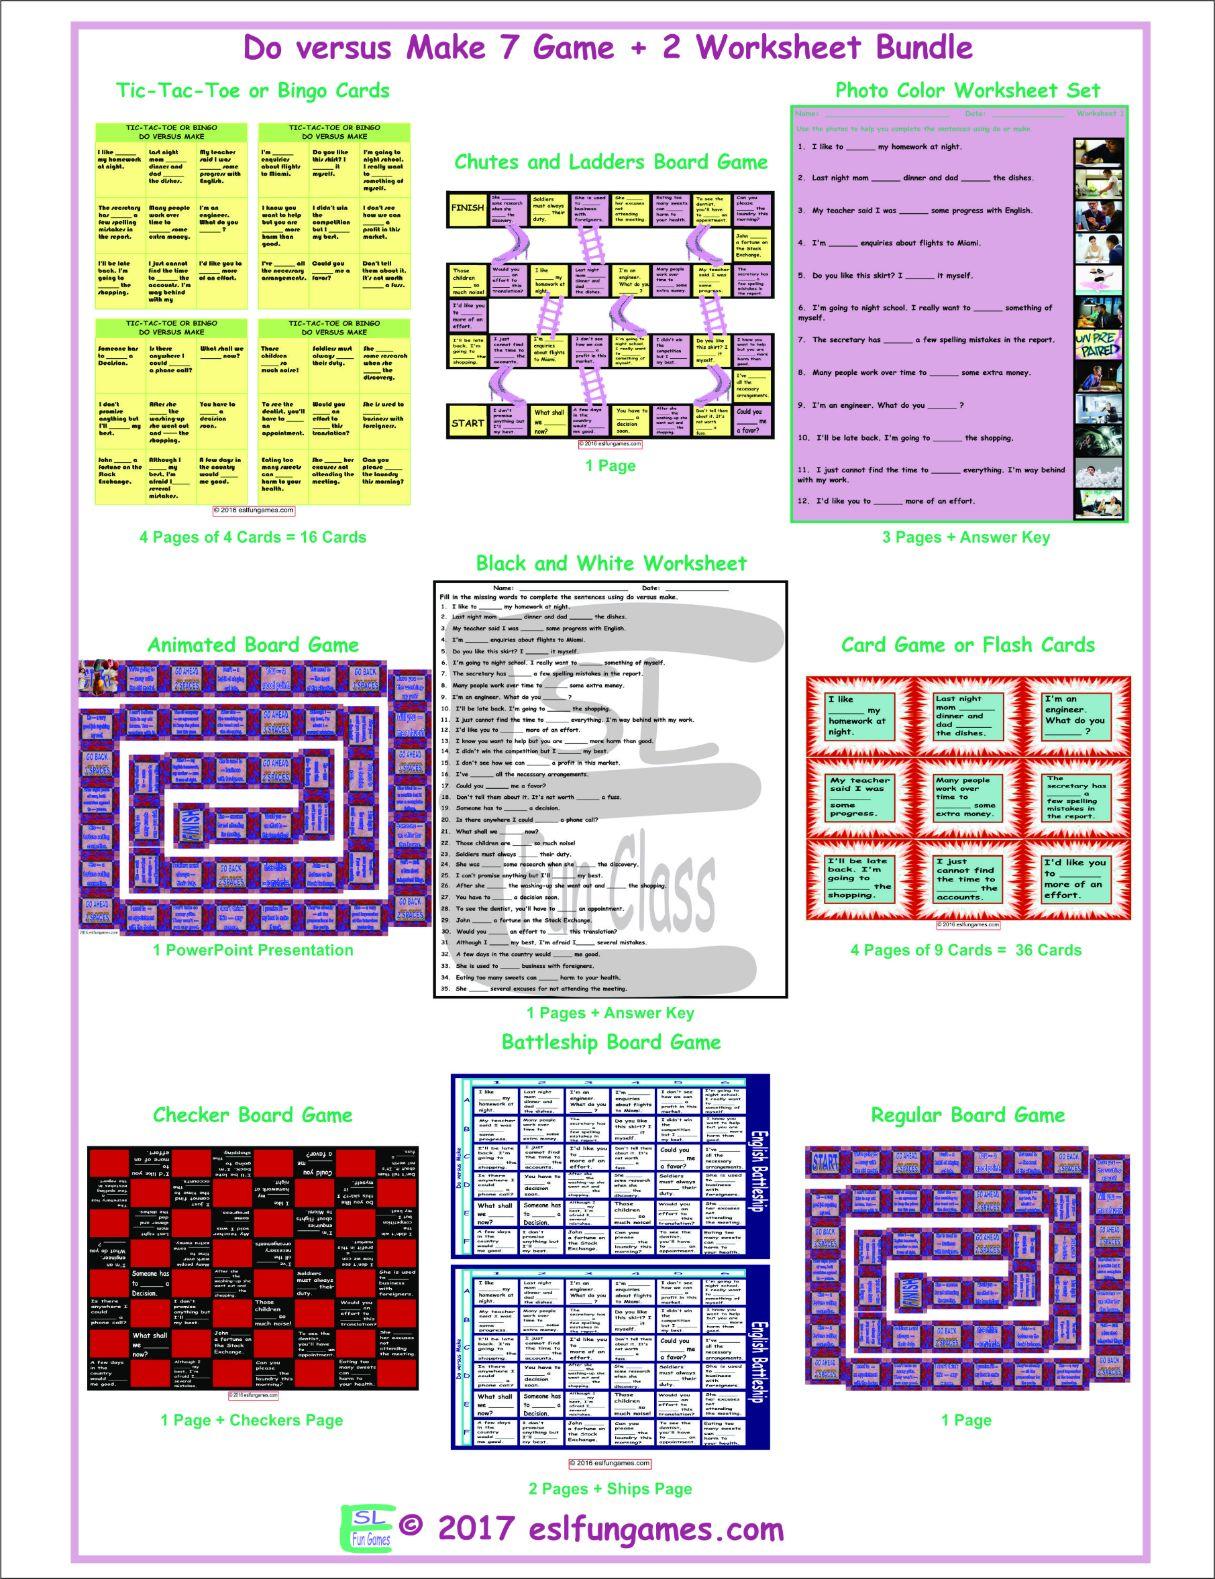 Do Versus Make 7 Game Plus 2 Worksheet Bundle